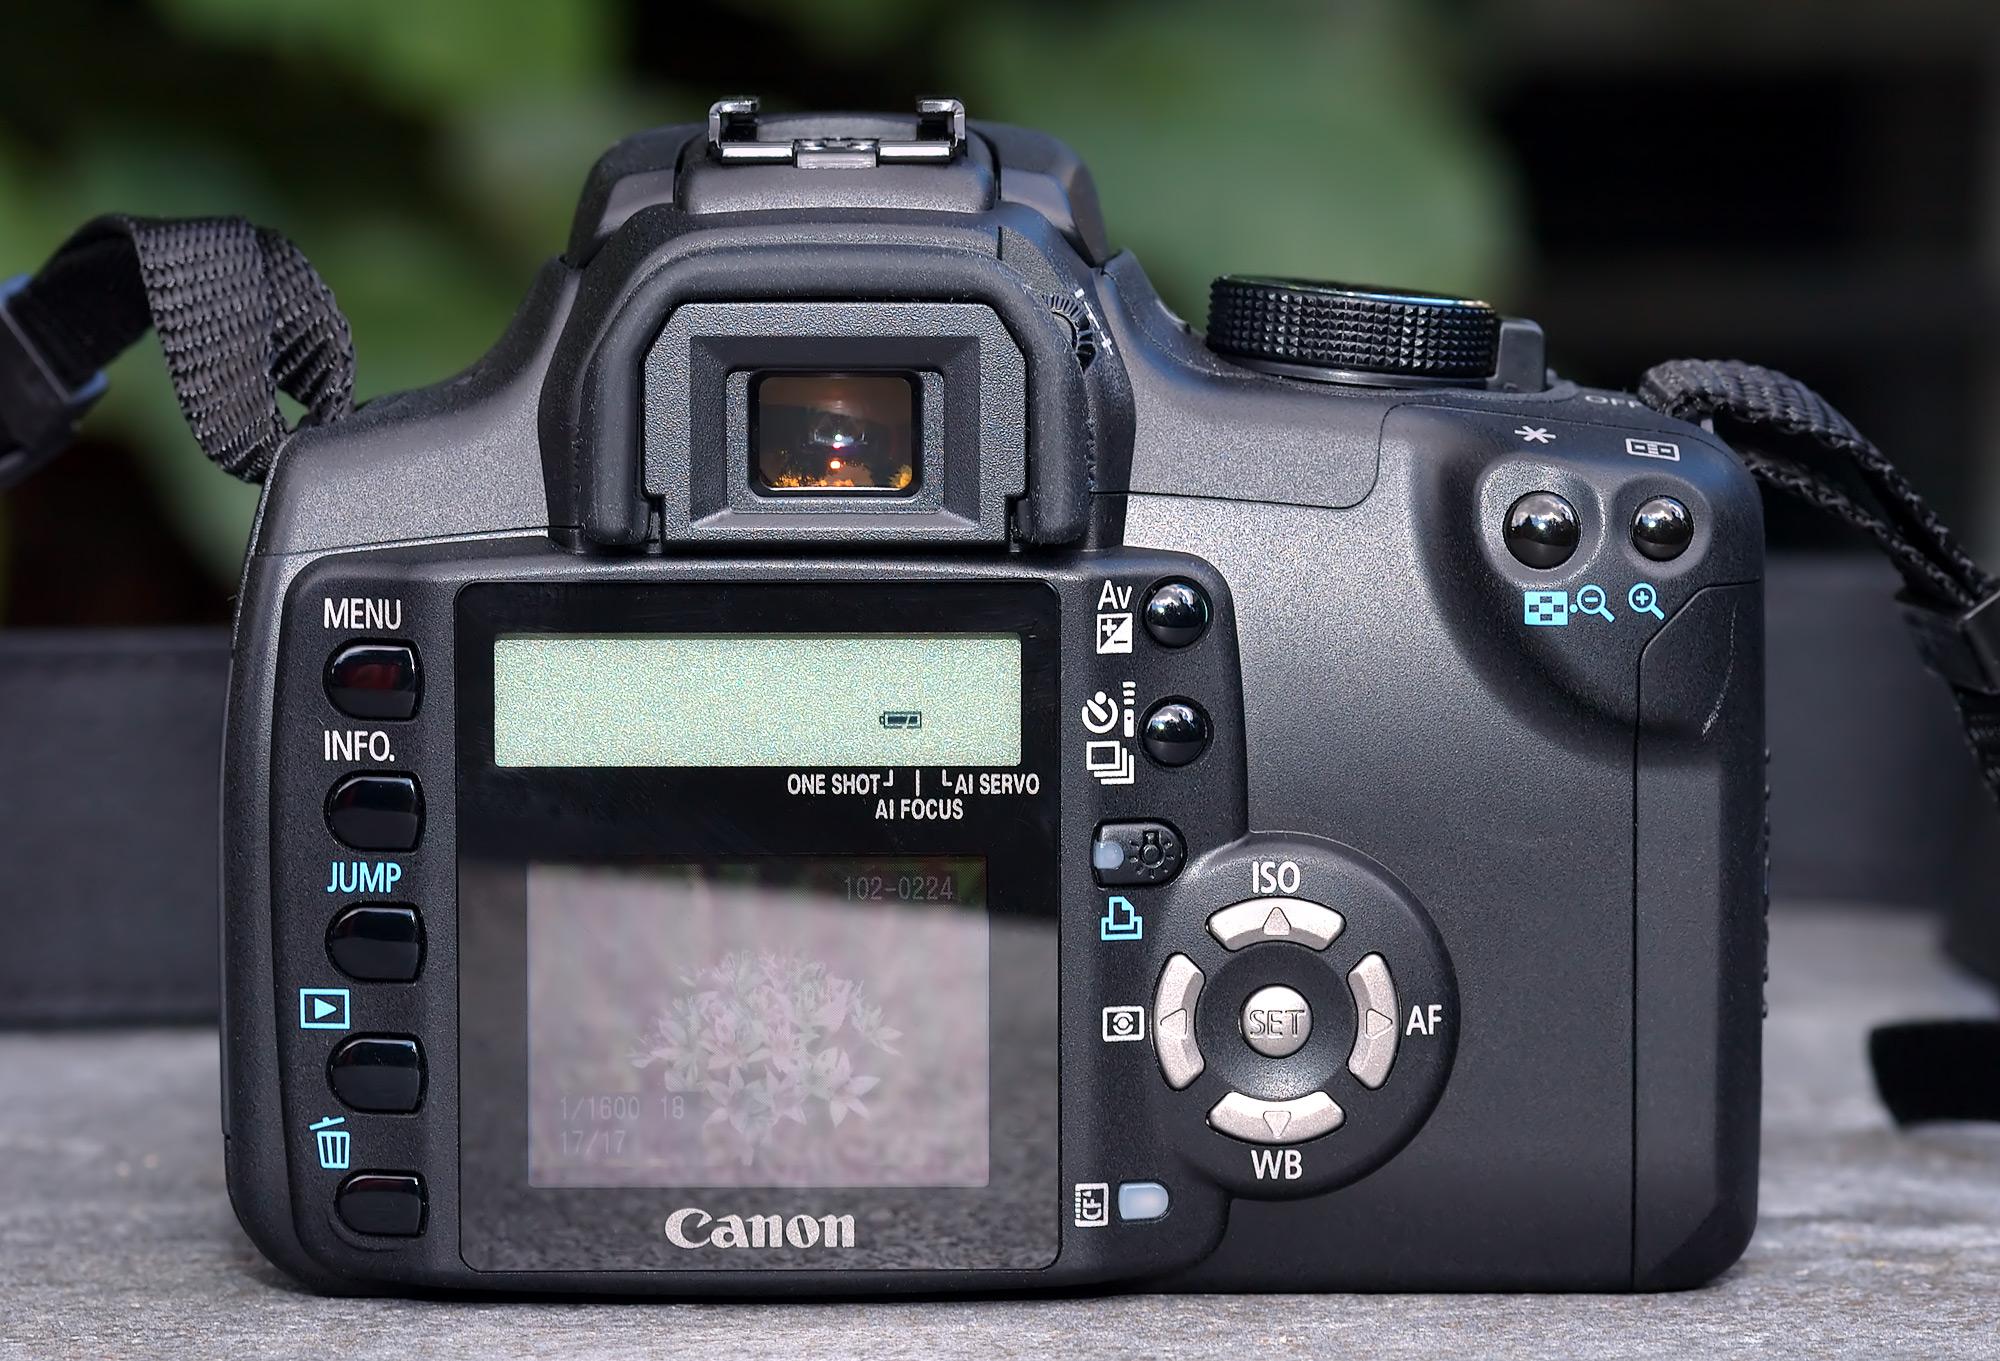 Camera Canon Eos 350d Dslr Camera filecanon eos 350d back aka jpg wikimedia commons jpg